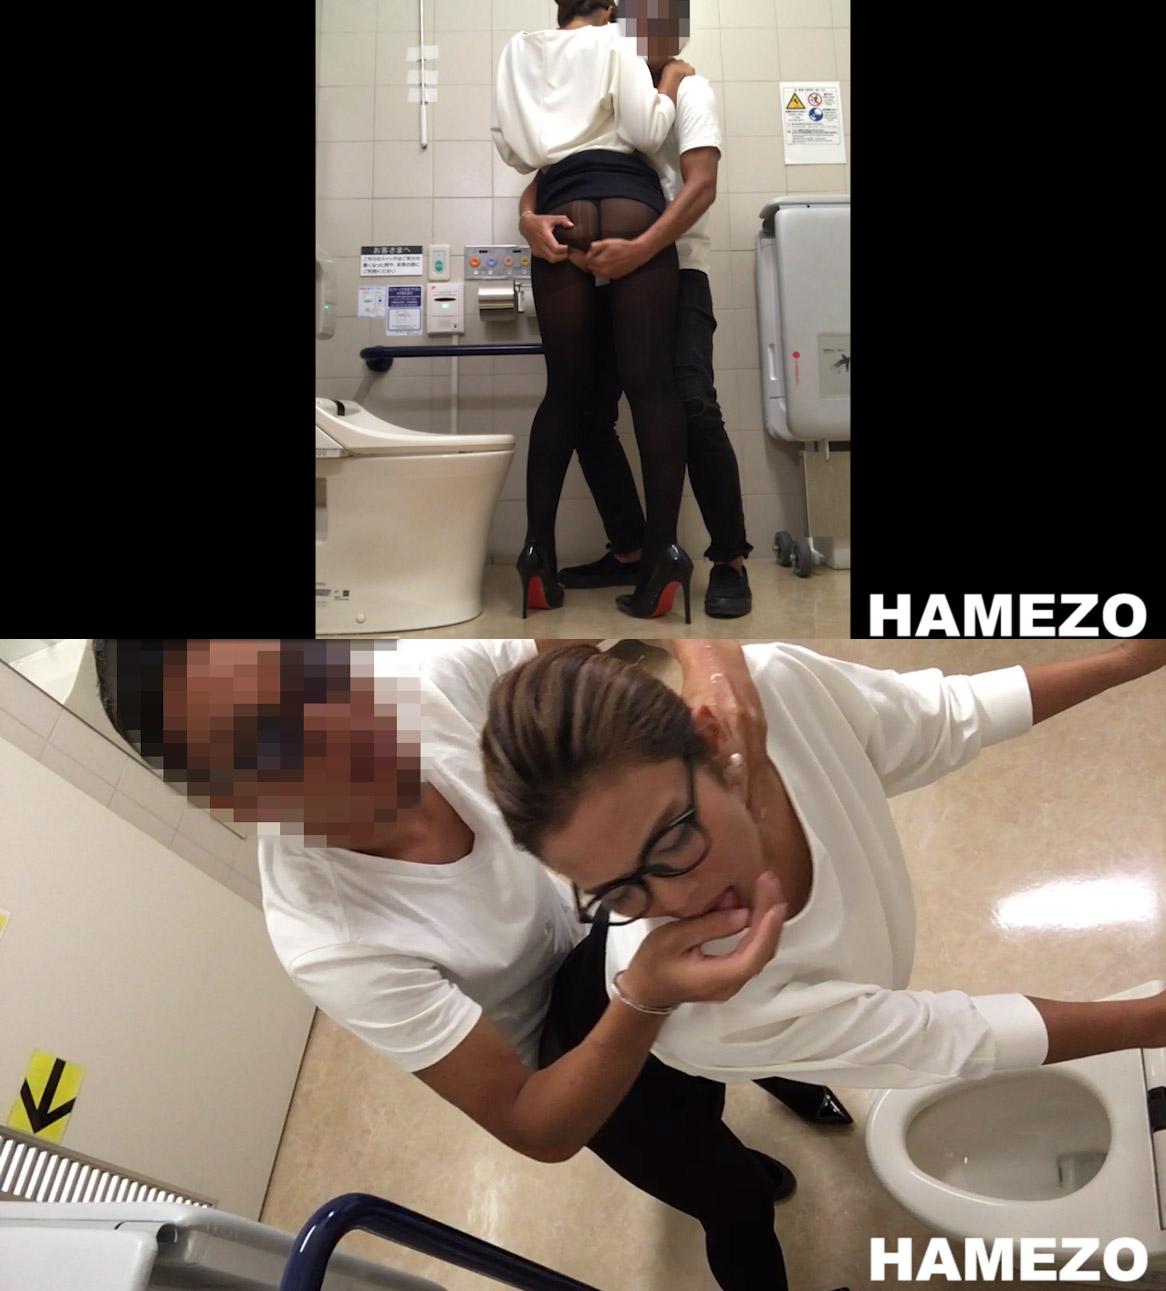 お仕事中のハメミを呼び出しトイレでハメハメ2連続射精【ハメゾー動画Vol.9】